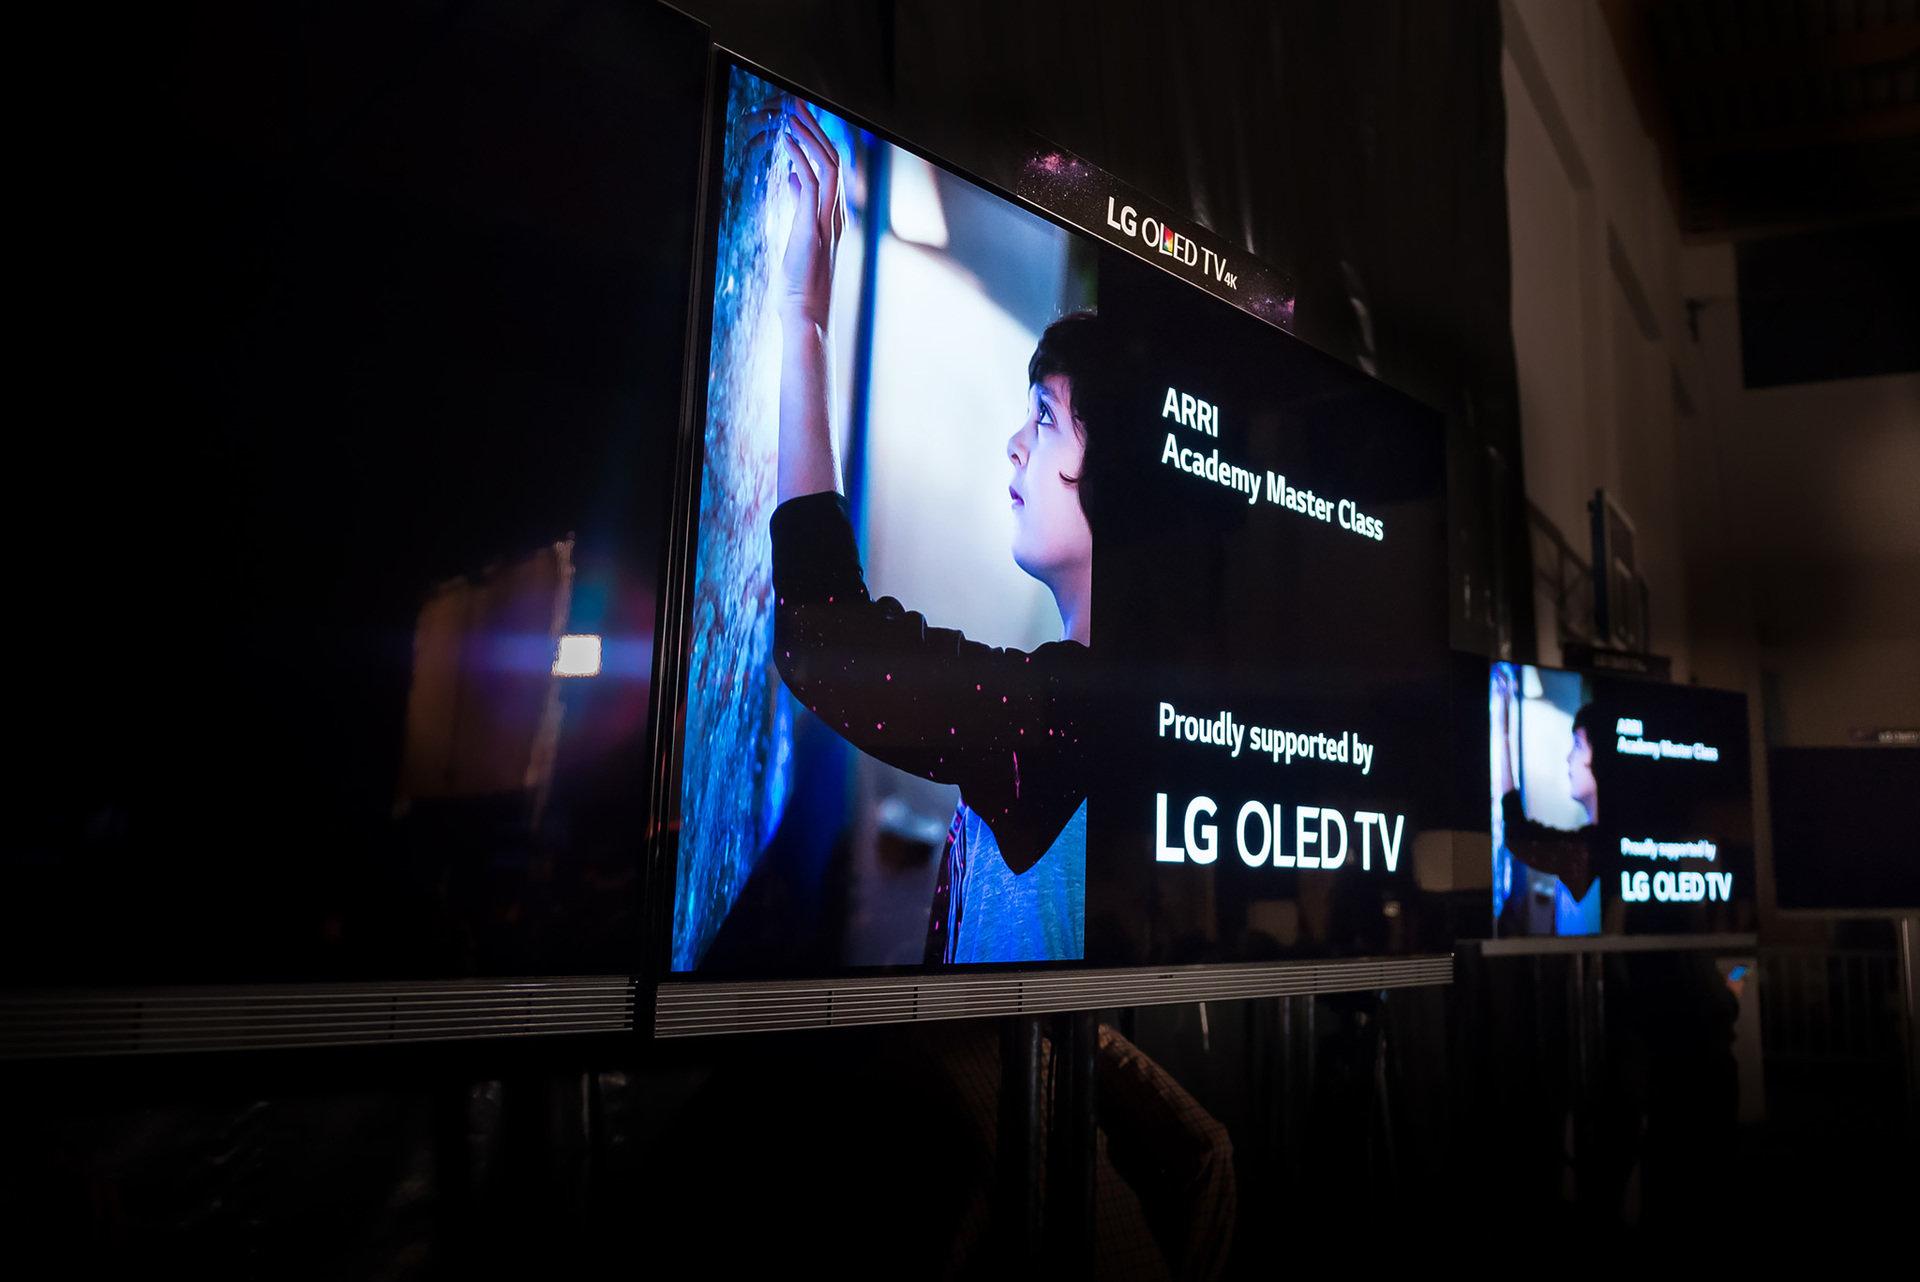 Hollywood behind the scenes - LG oraz ARRI odkrywają jak powstaje najlepszej jakości obraz